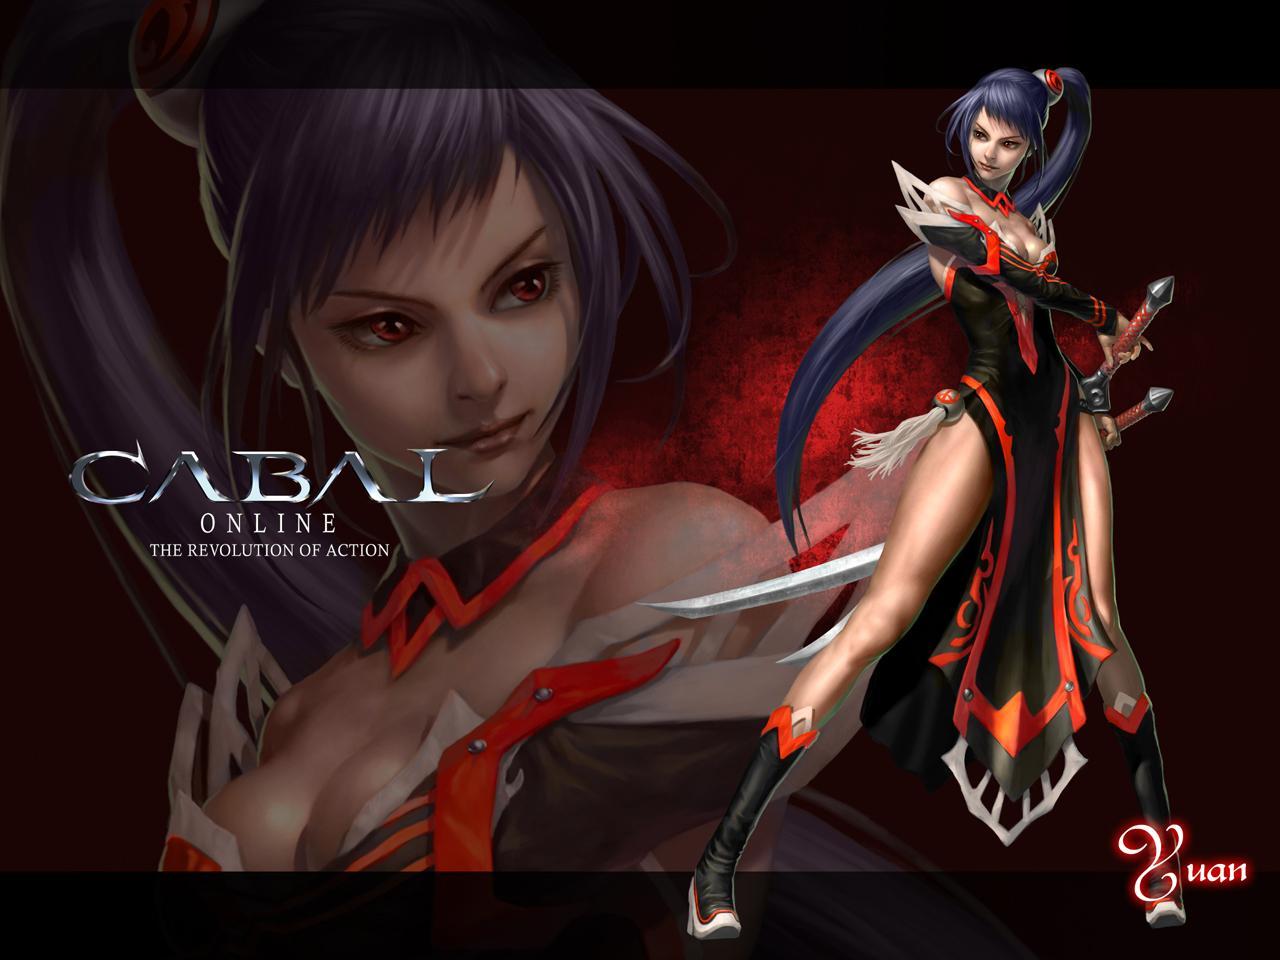 Cabal-Online-Yuan-1248